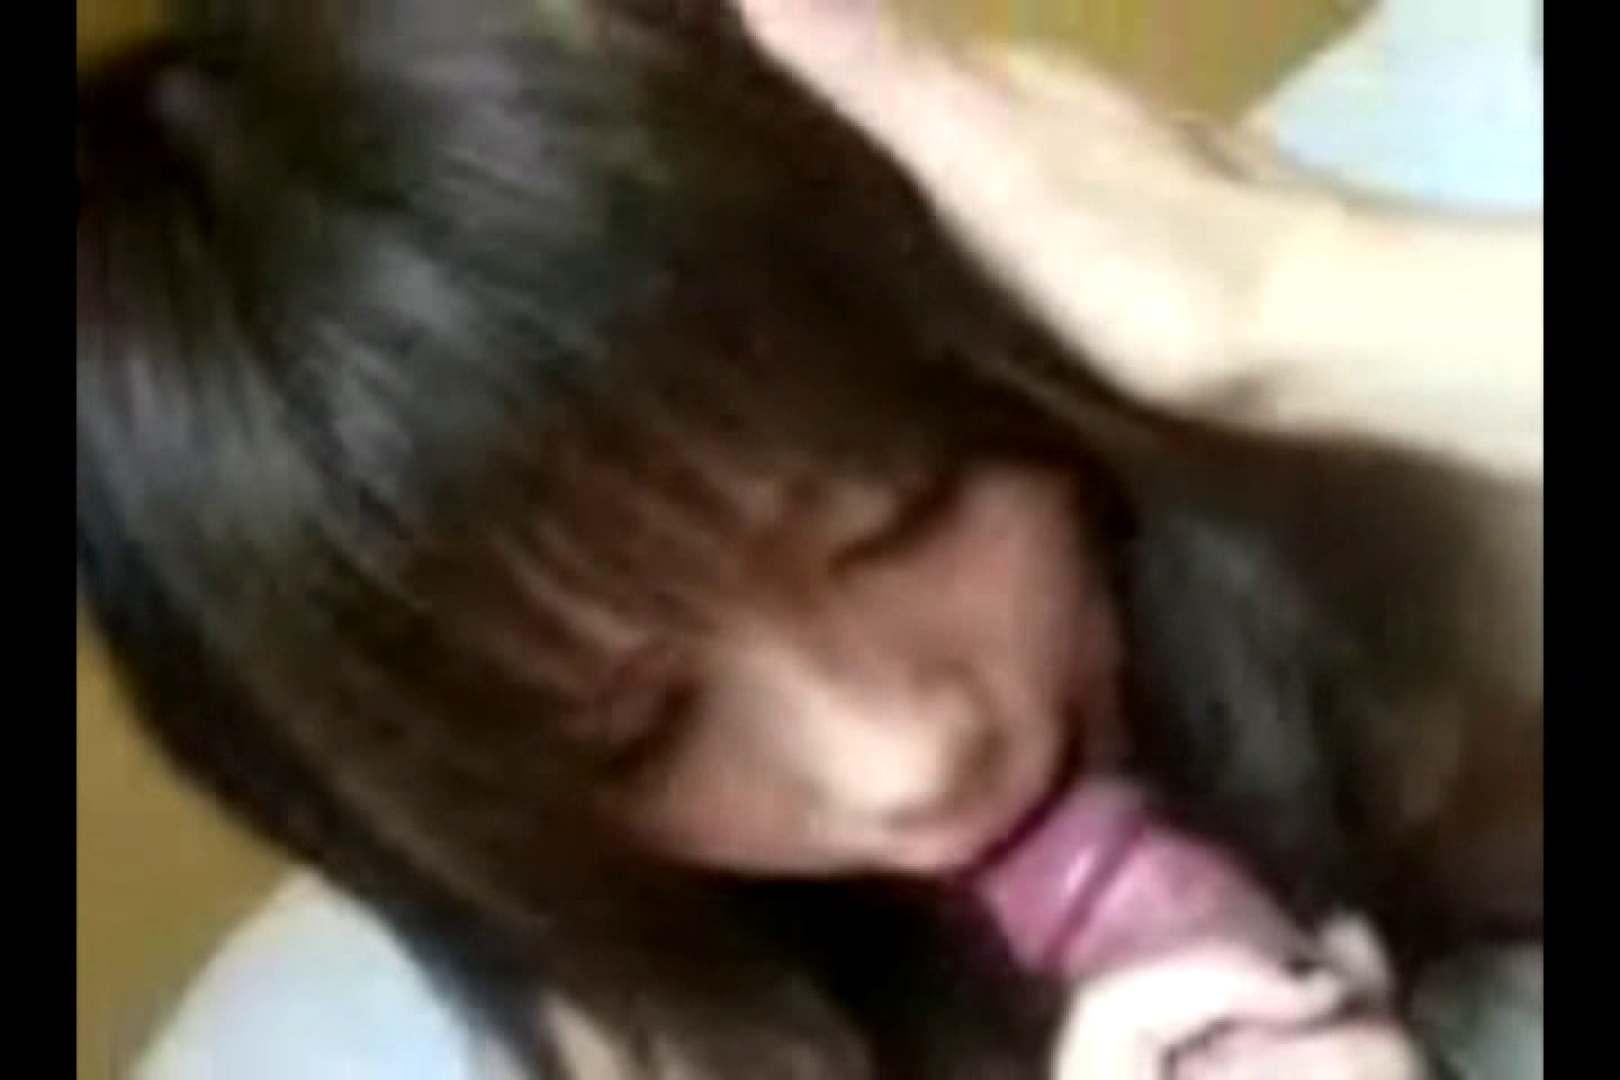 フェラ好きの変態カップルハメ撮り映像が流出 カップル   フェラチオ映像  88pic 7